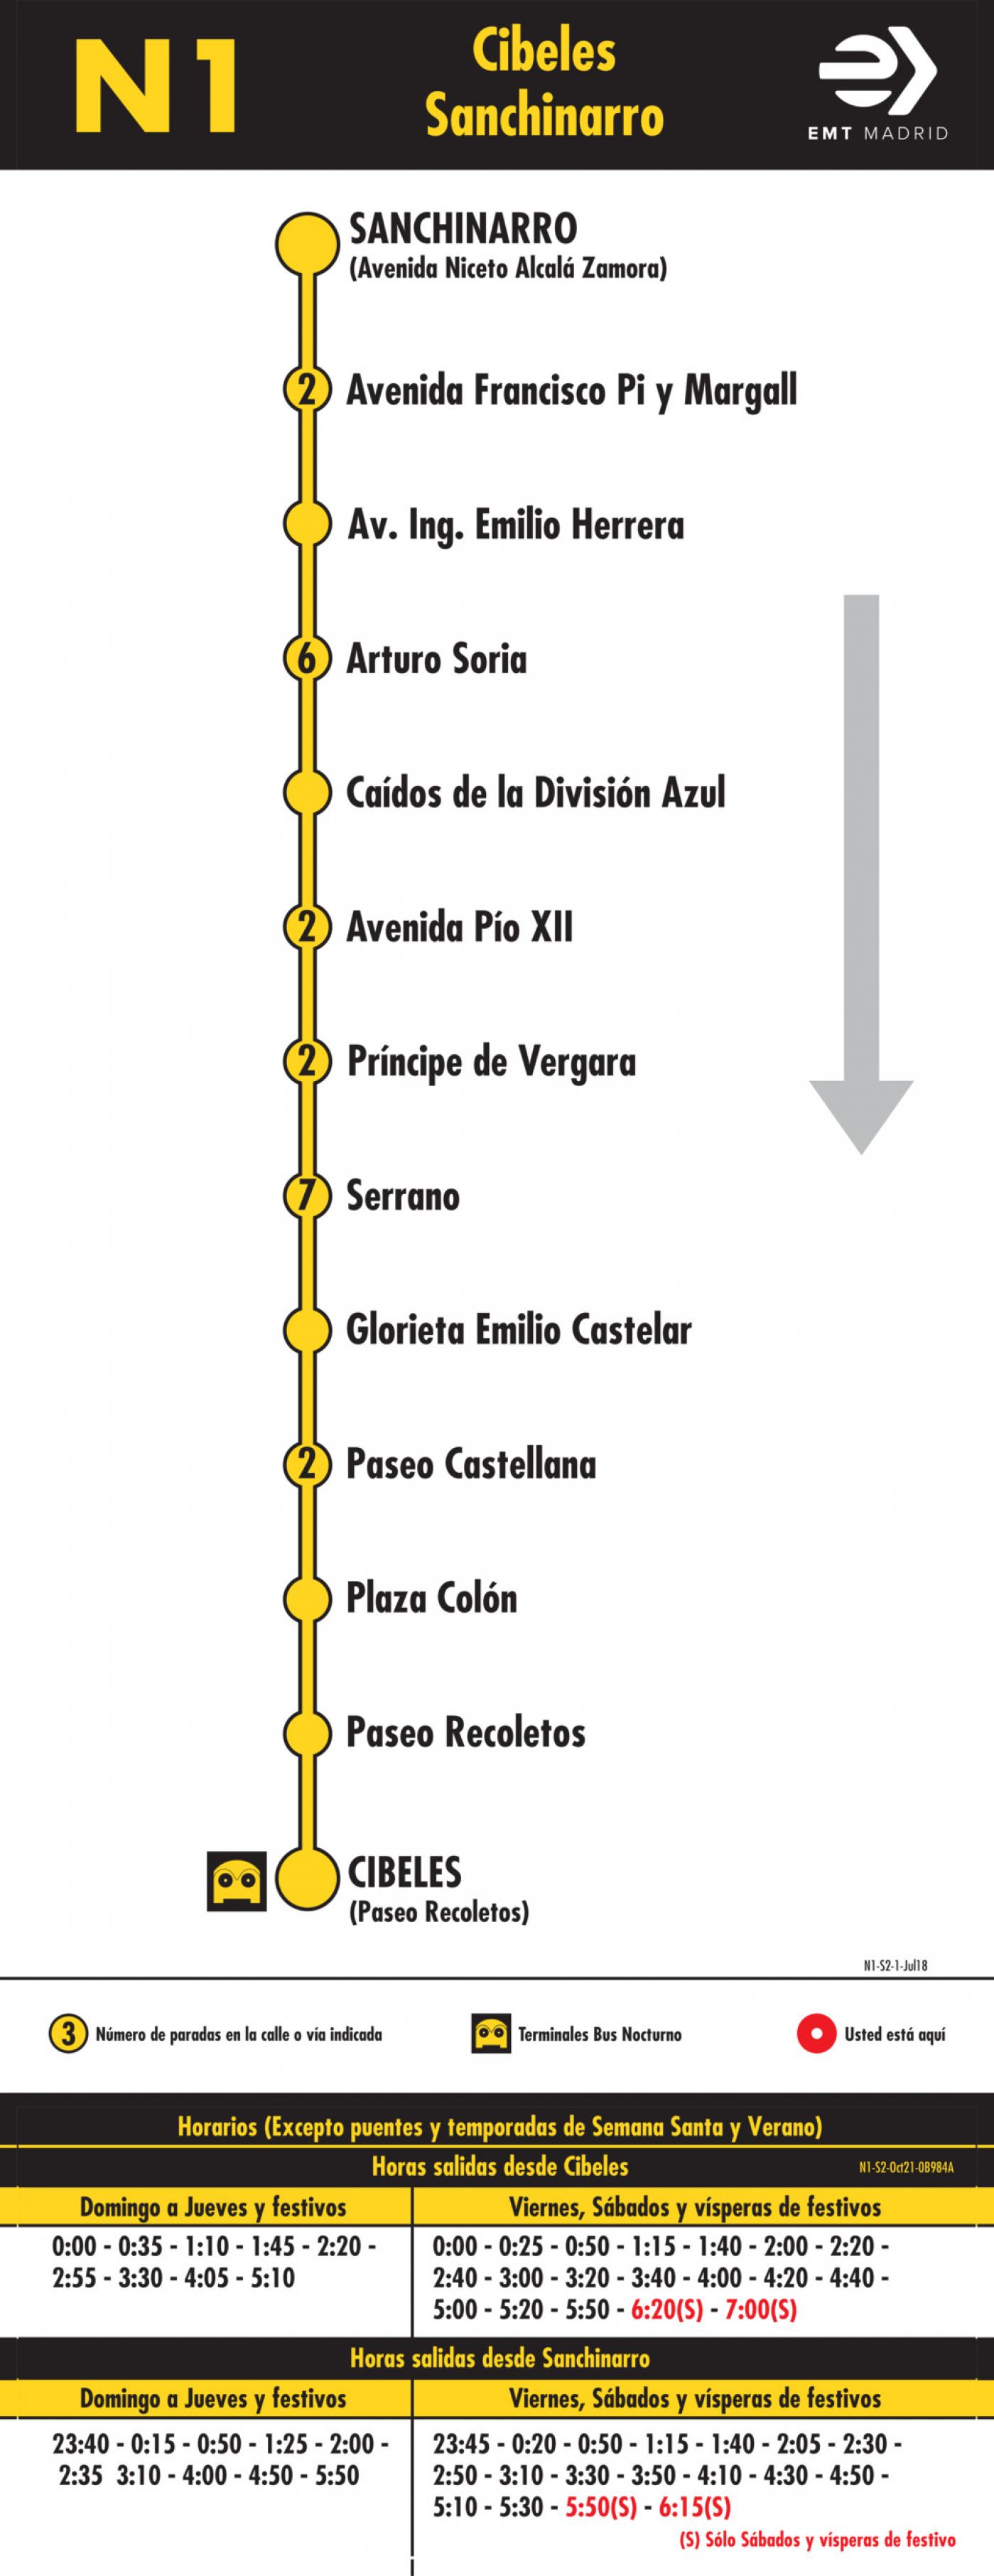 Tabla de horarios y frecuencias de paso en sentido vuelta Línea N1: Plaza de Cibeles - Sanchinarro (búho)